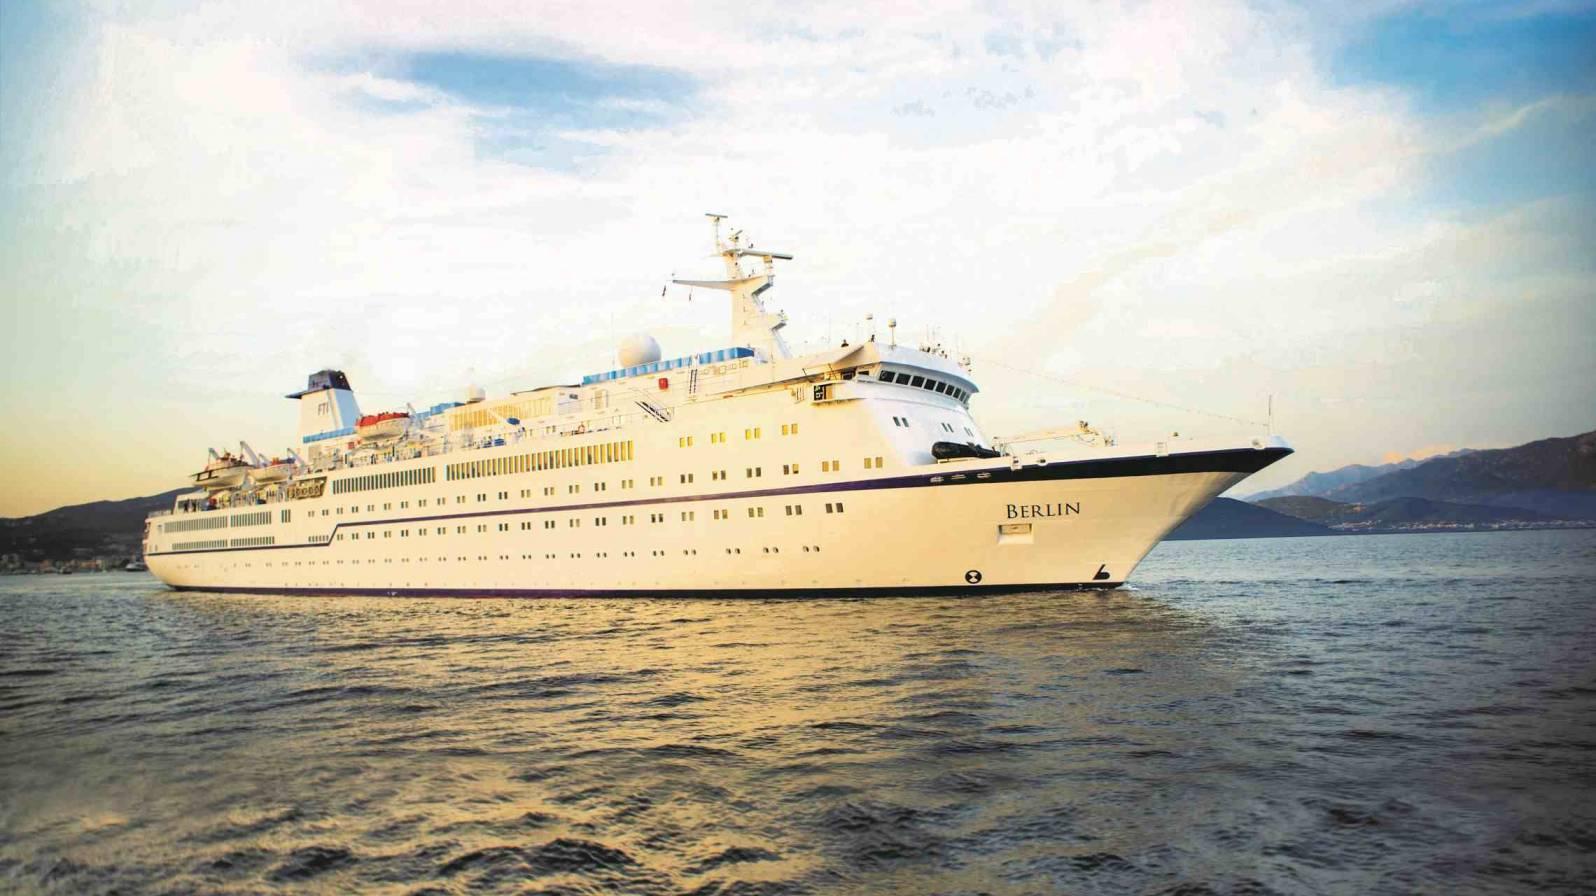 Berlin-ulkokuva-c-FTI-Cruises-1596x896.jpg